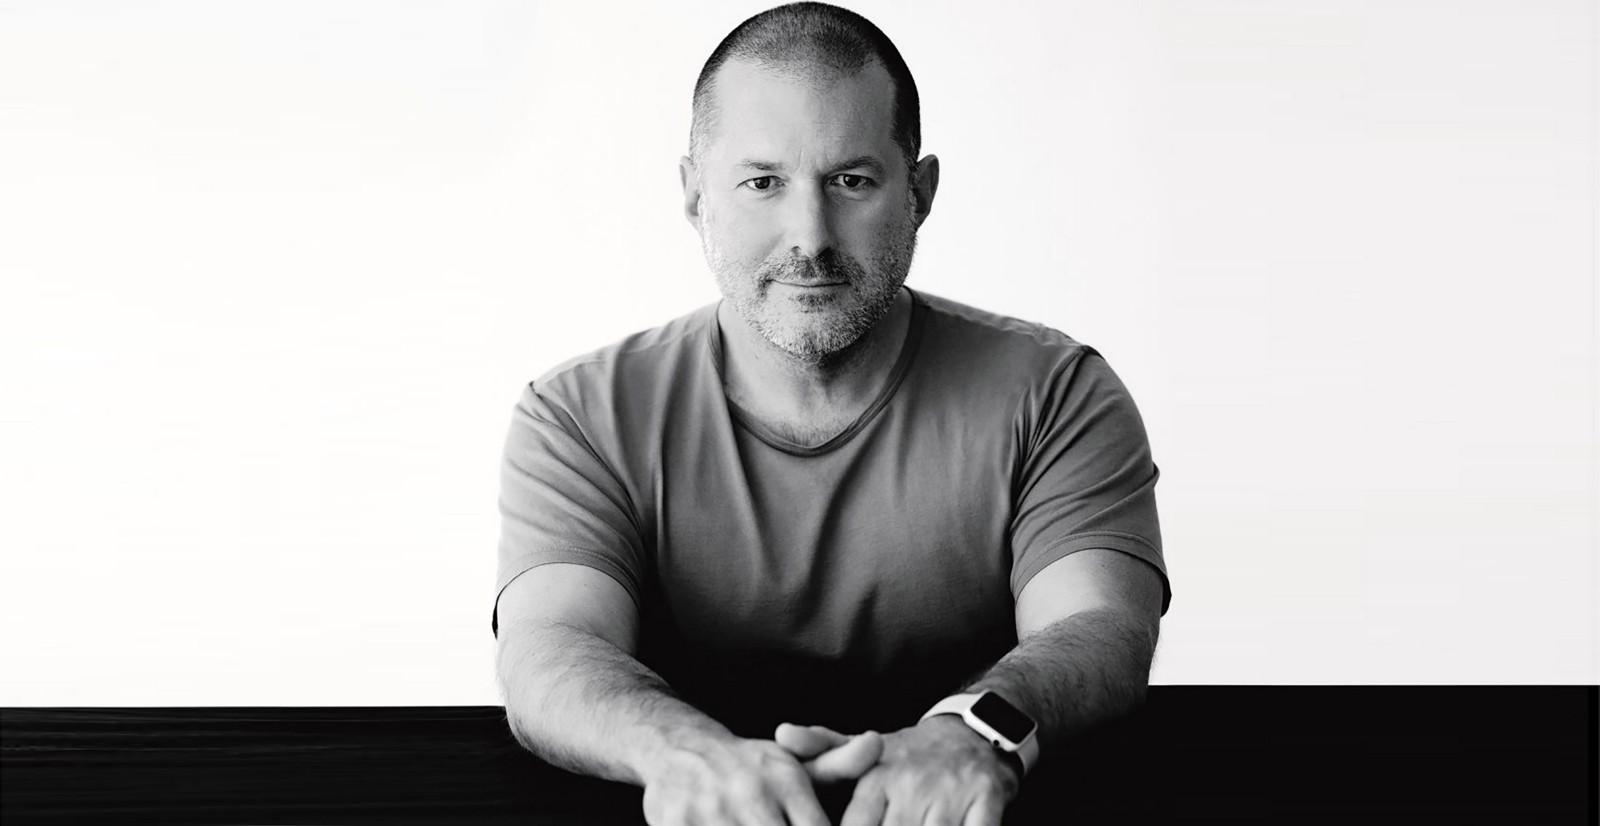 سه نفر از اعضای اصلی تیم طراحی جانی آيو، شرکت اپل را ترک کردند